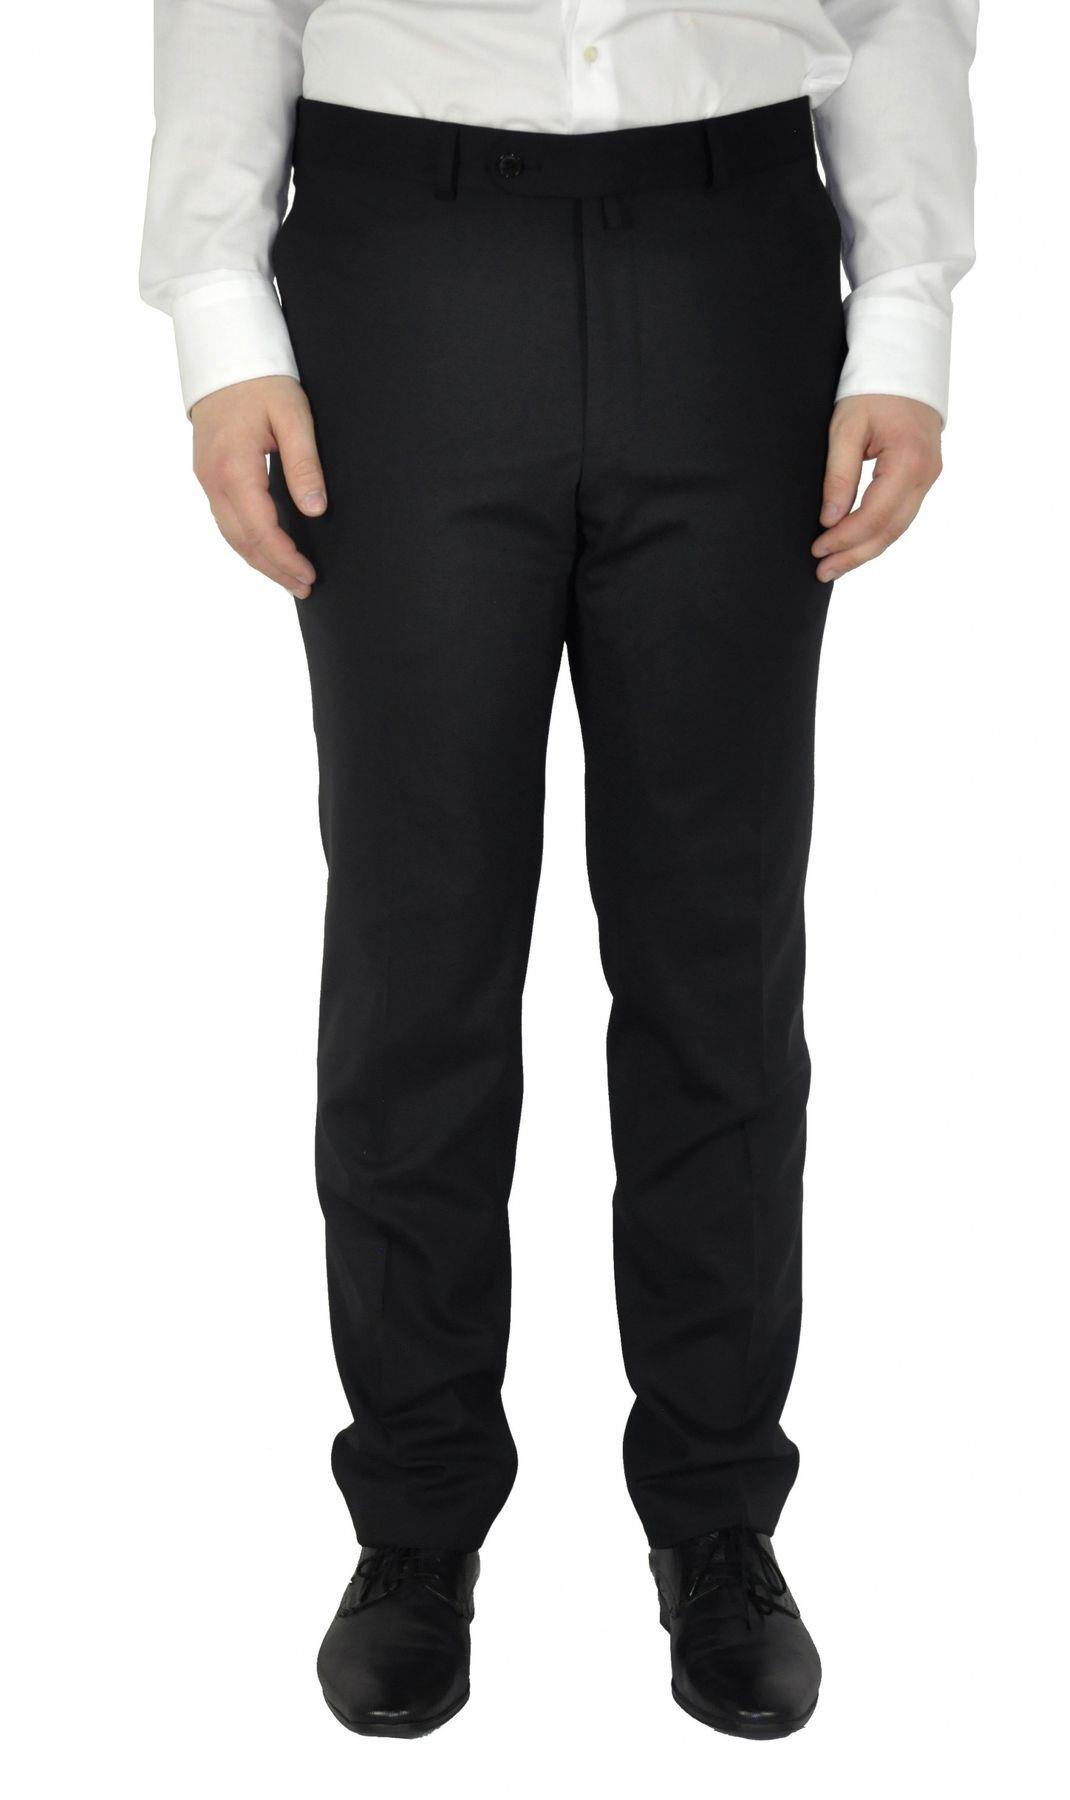 Barutti - Tailored Fit - Herren Anzughose für Reiseanzug, 900 8009 (Tosco) – Bild 1